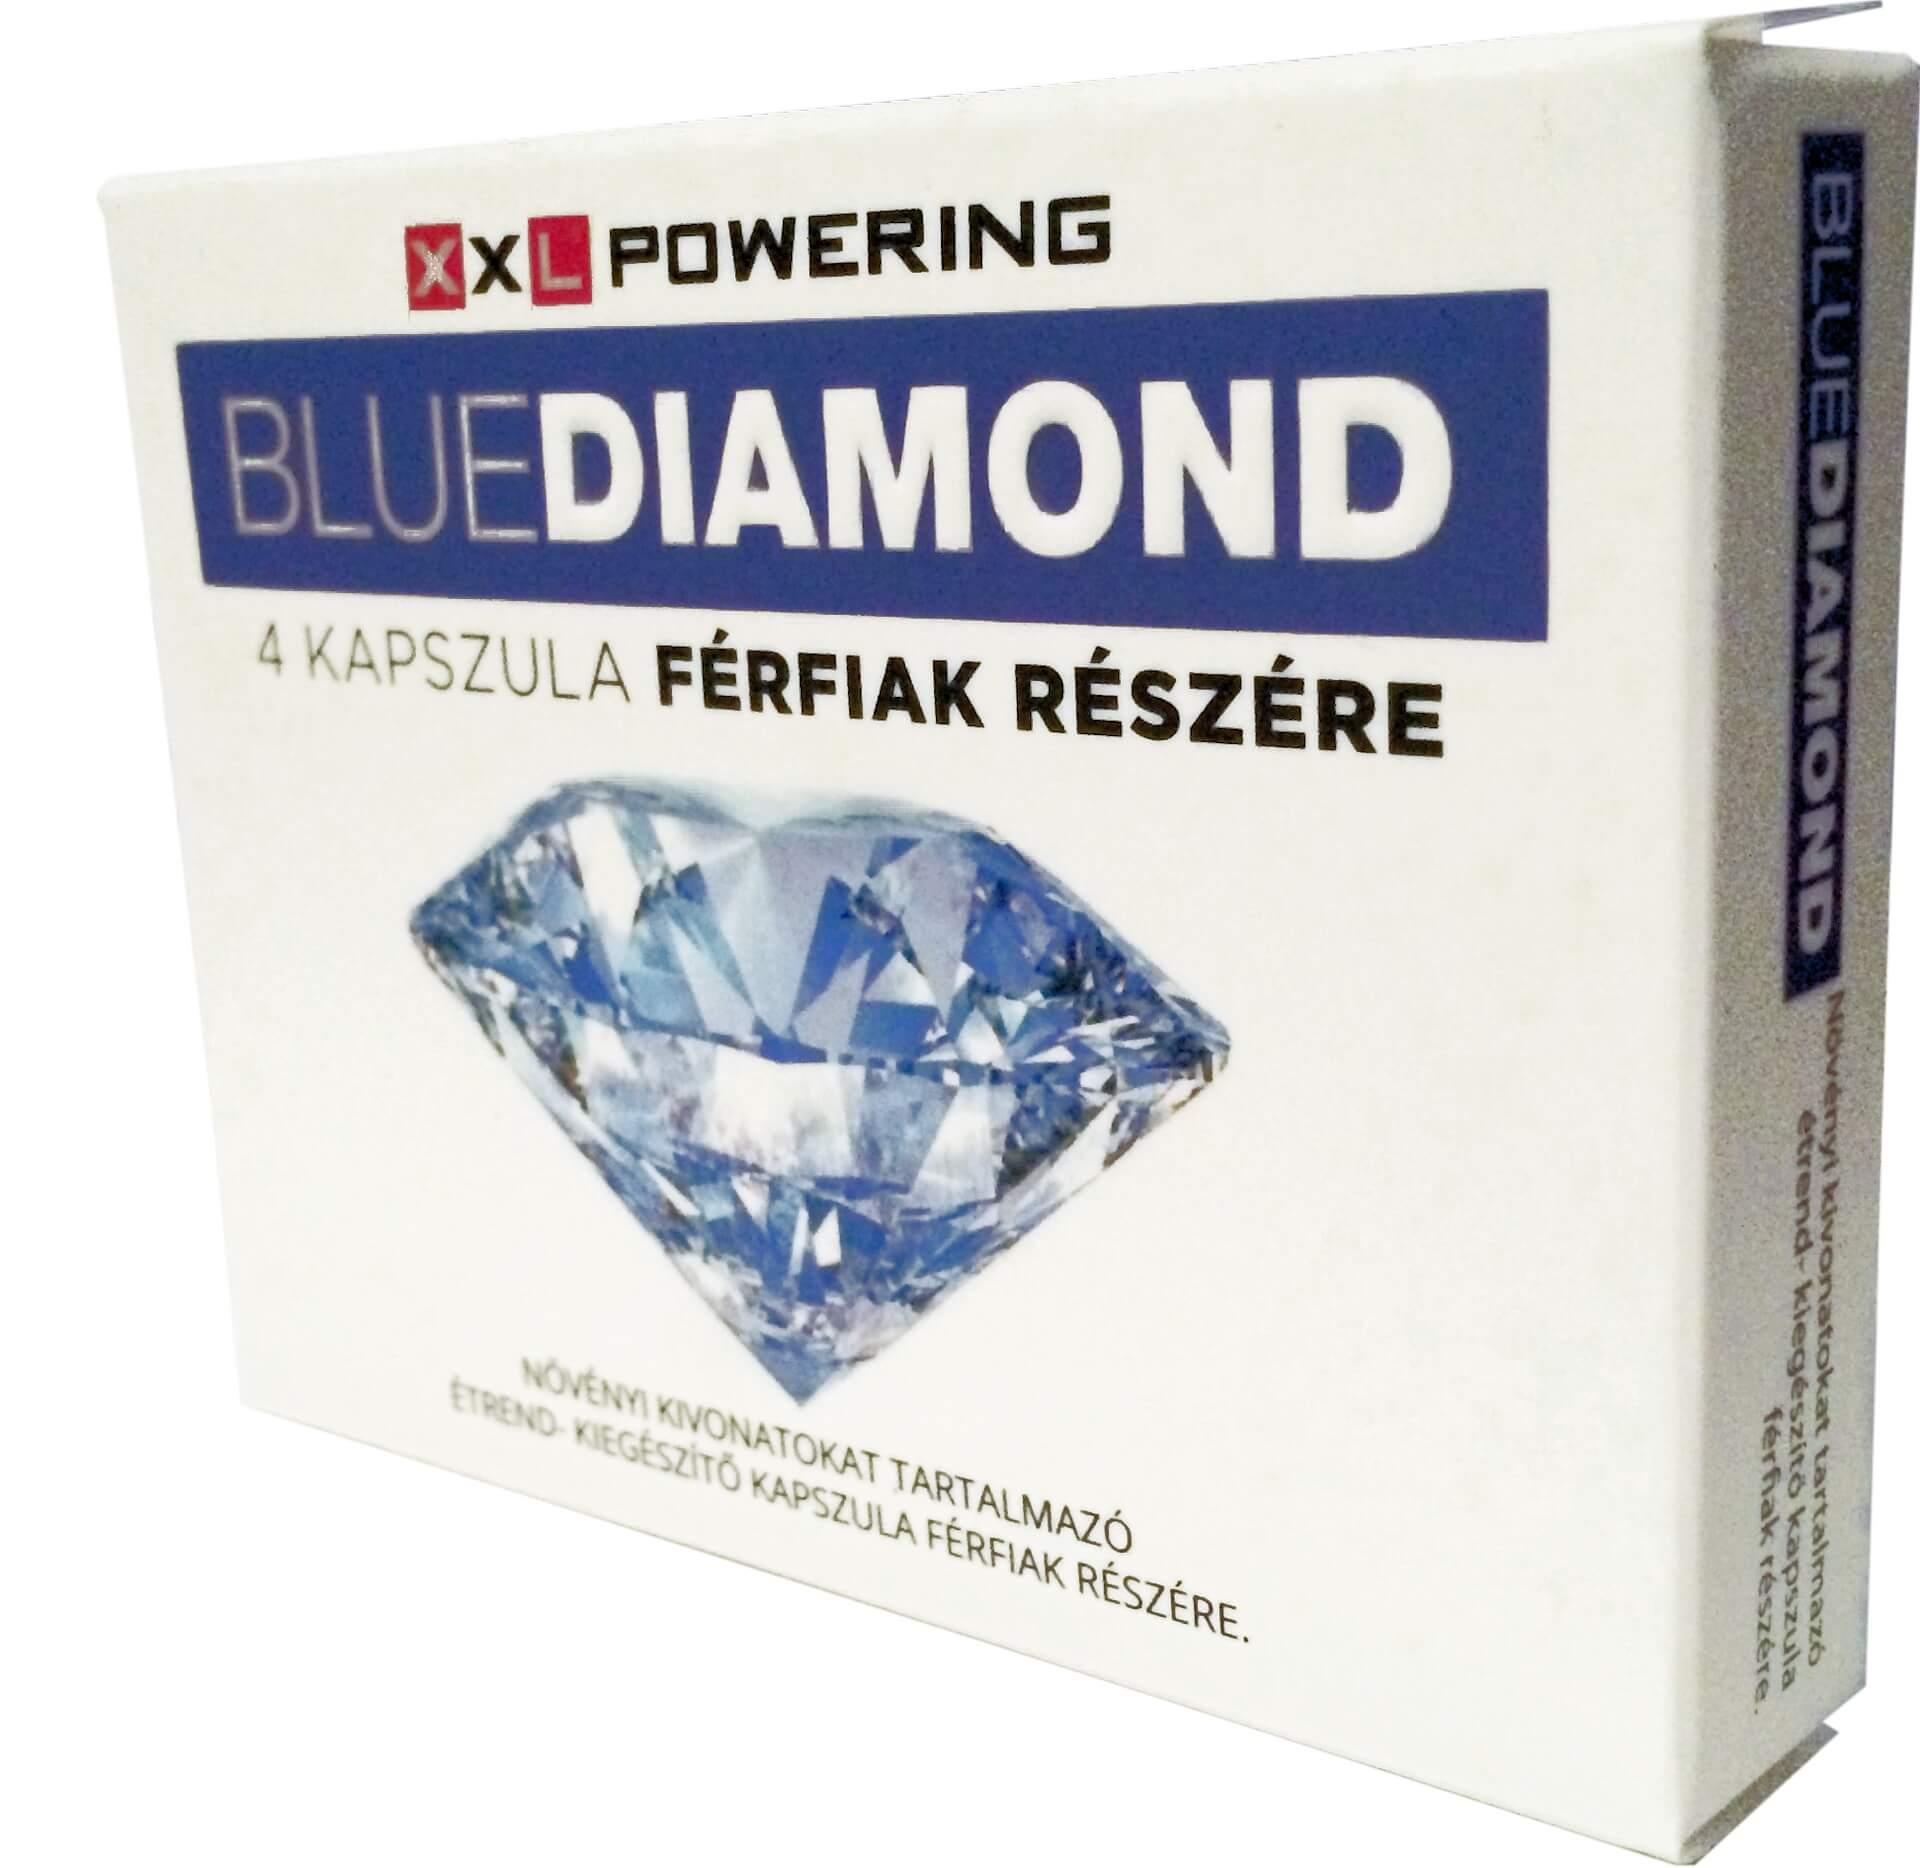 Blue Diamond – výživový doplnok pre mužov (4ks)